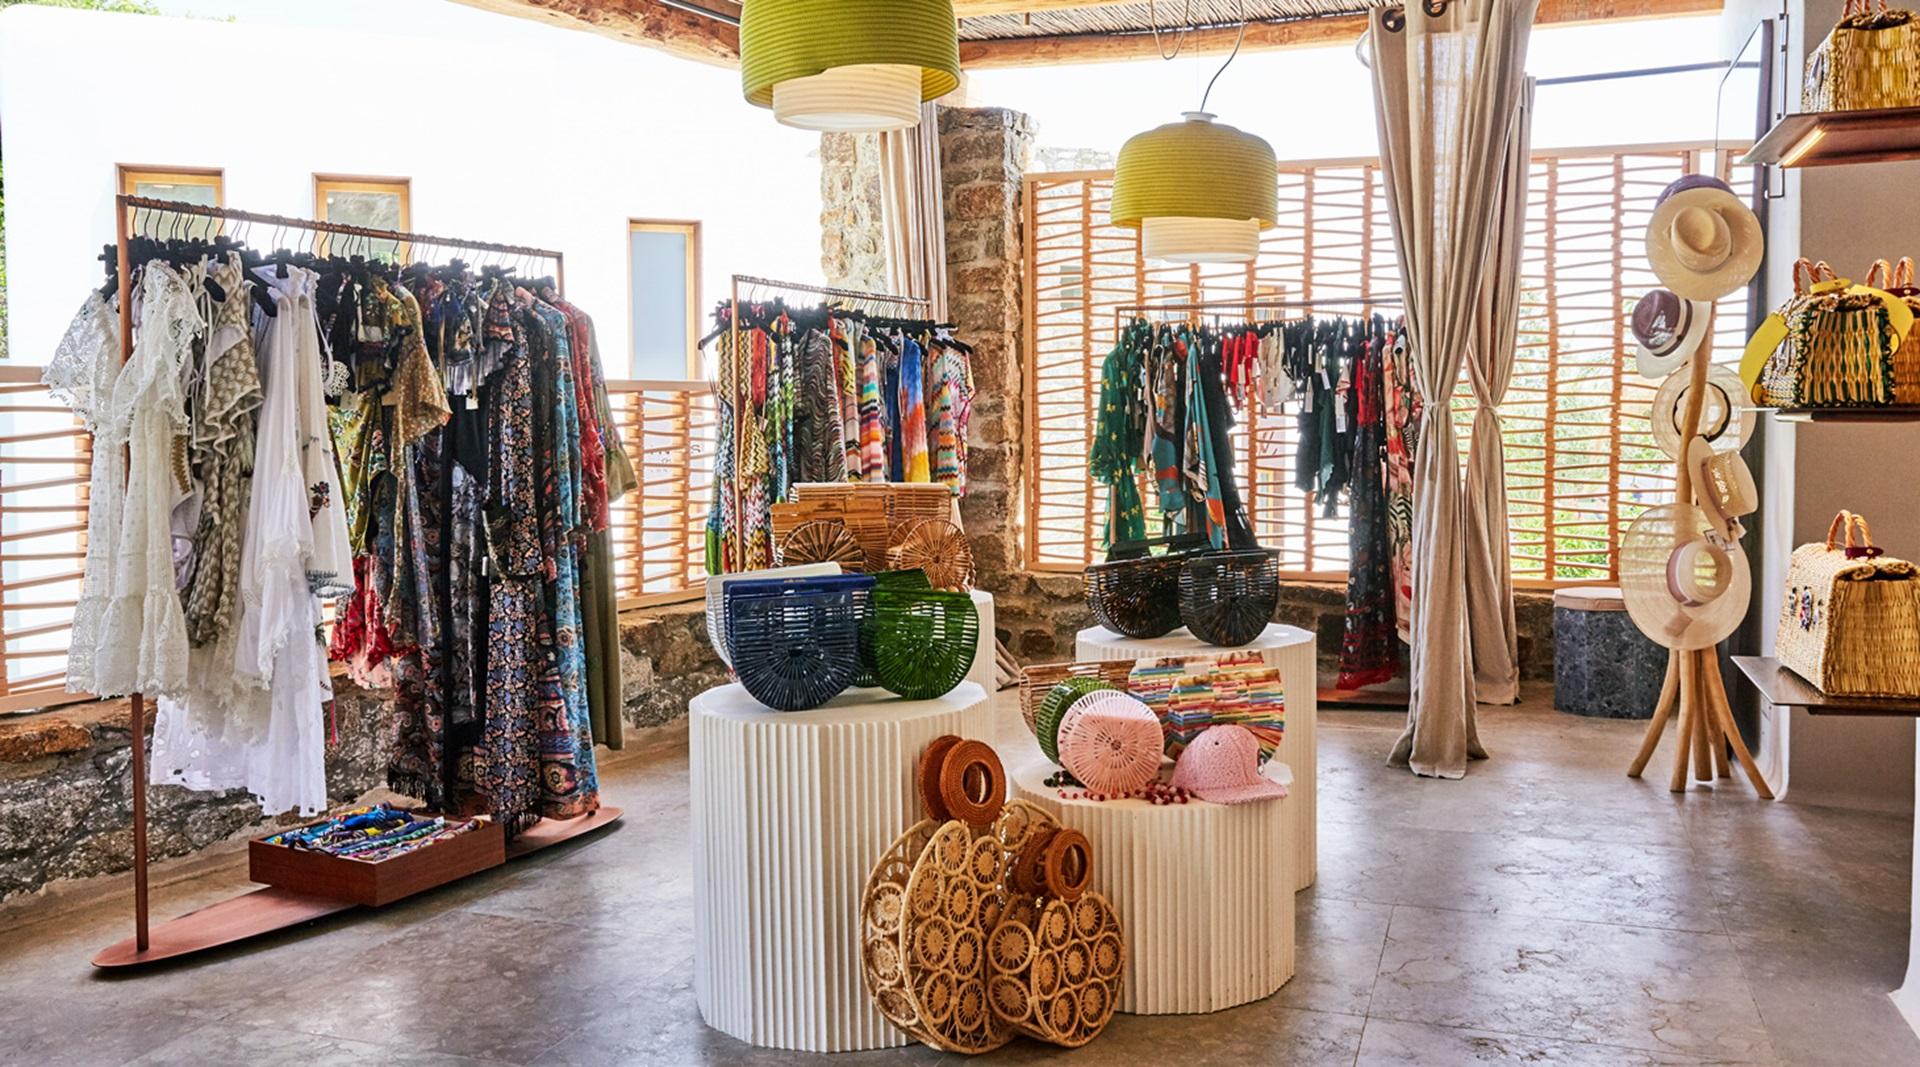 The best shops in Mykonos Island